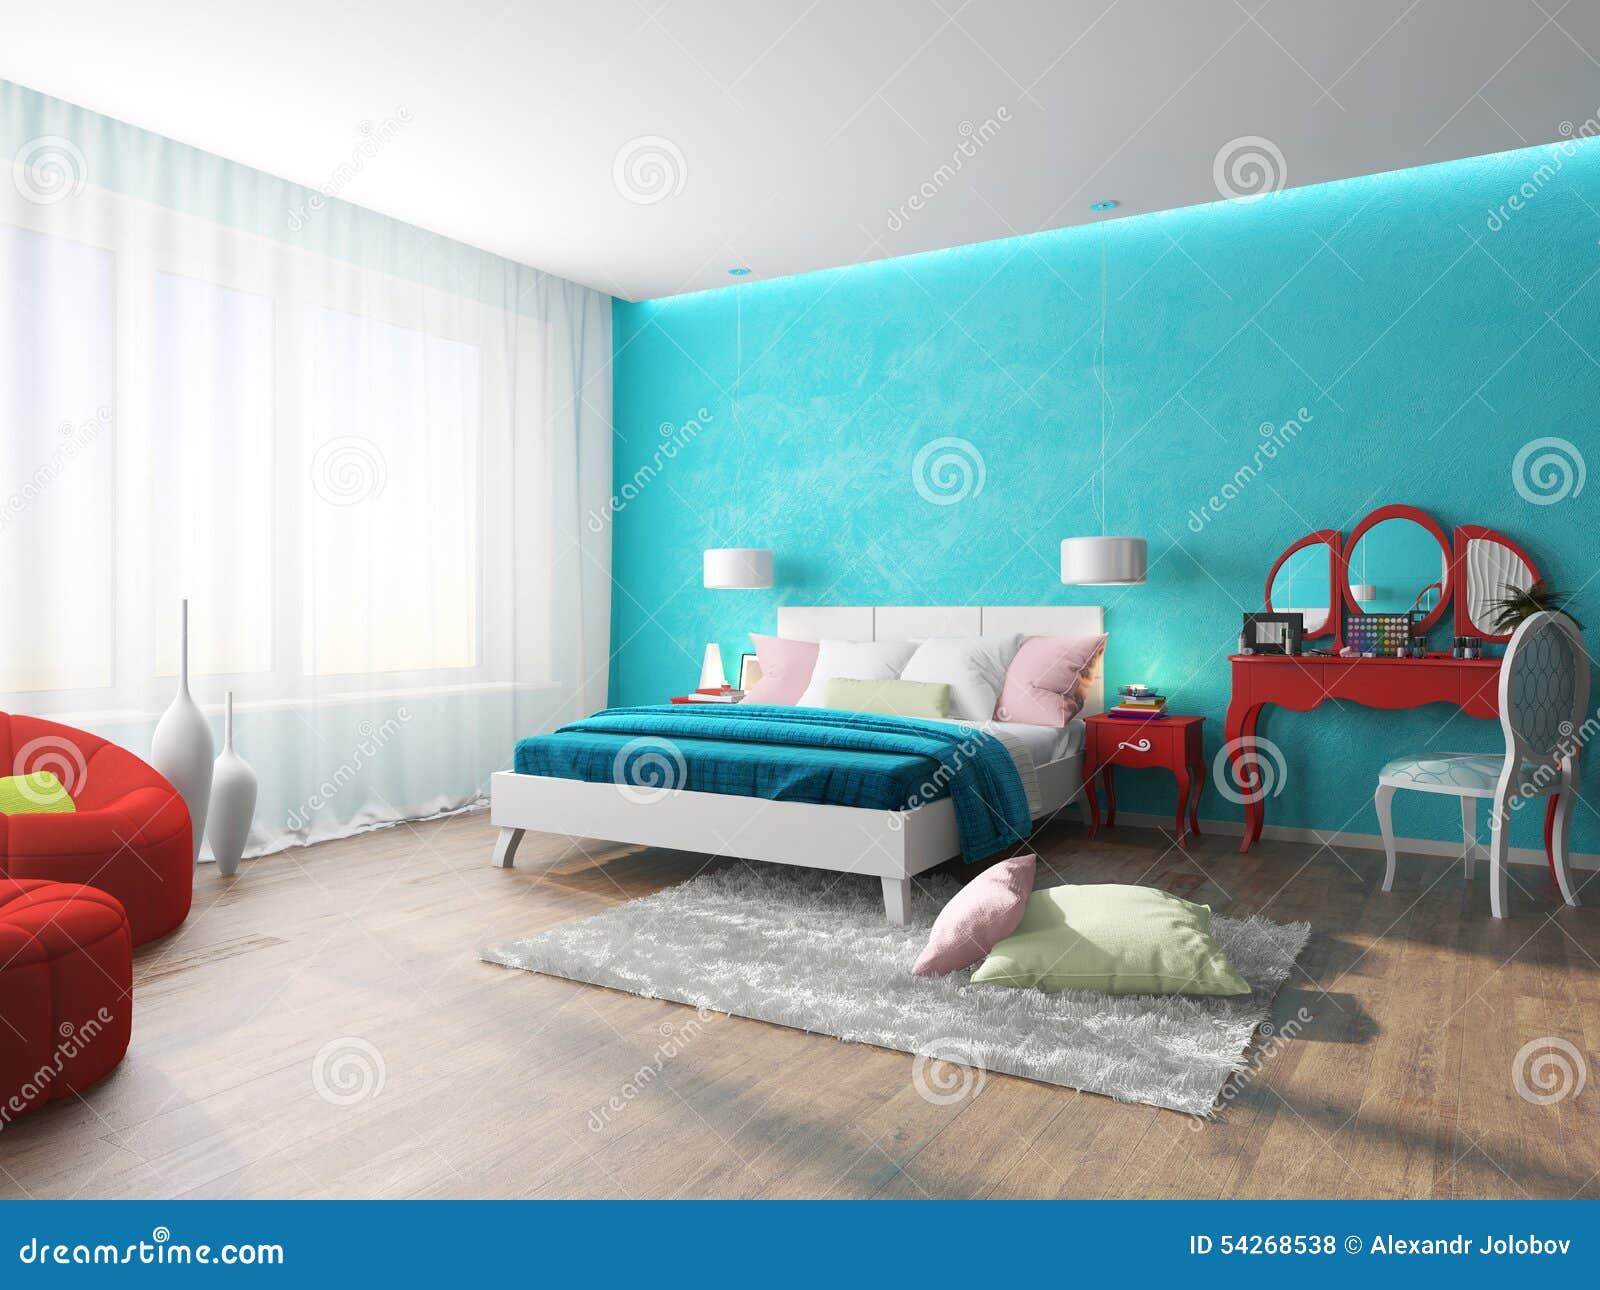 Camera Da Letto Parete Turchese : Camera da letto in turchese illustrazione di stock illustrazione